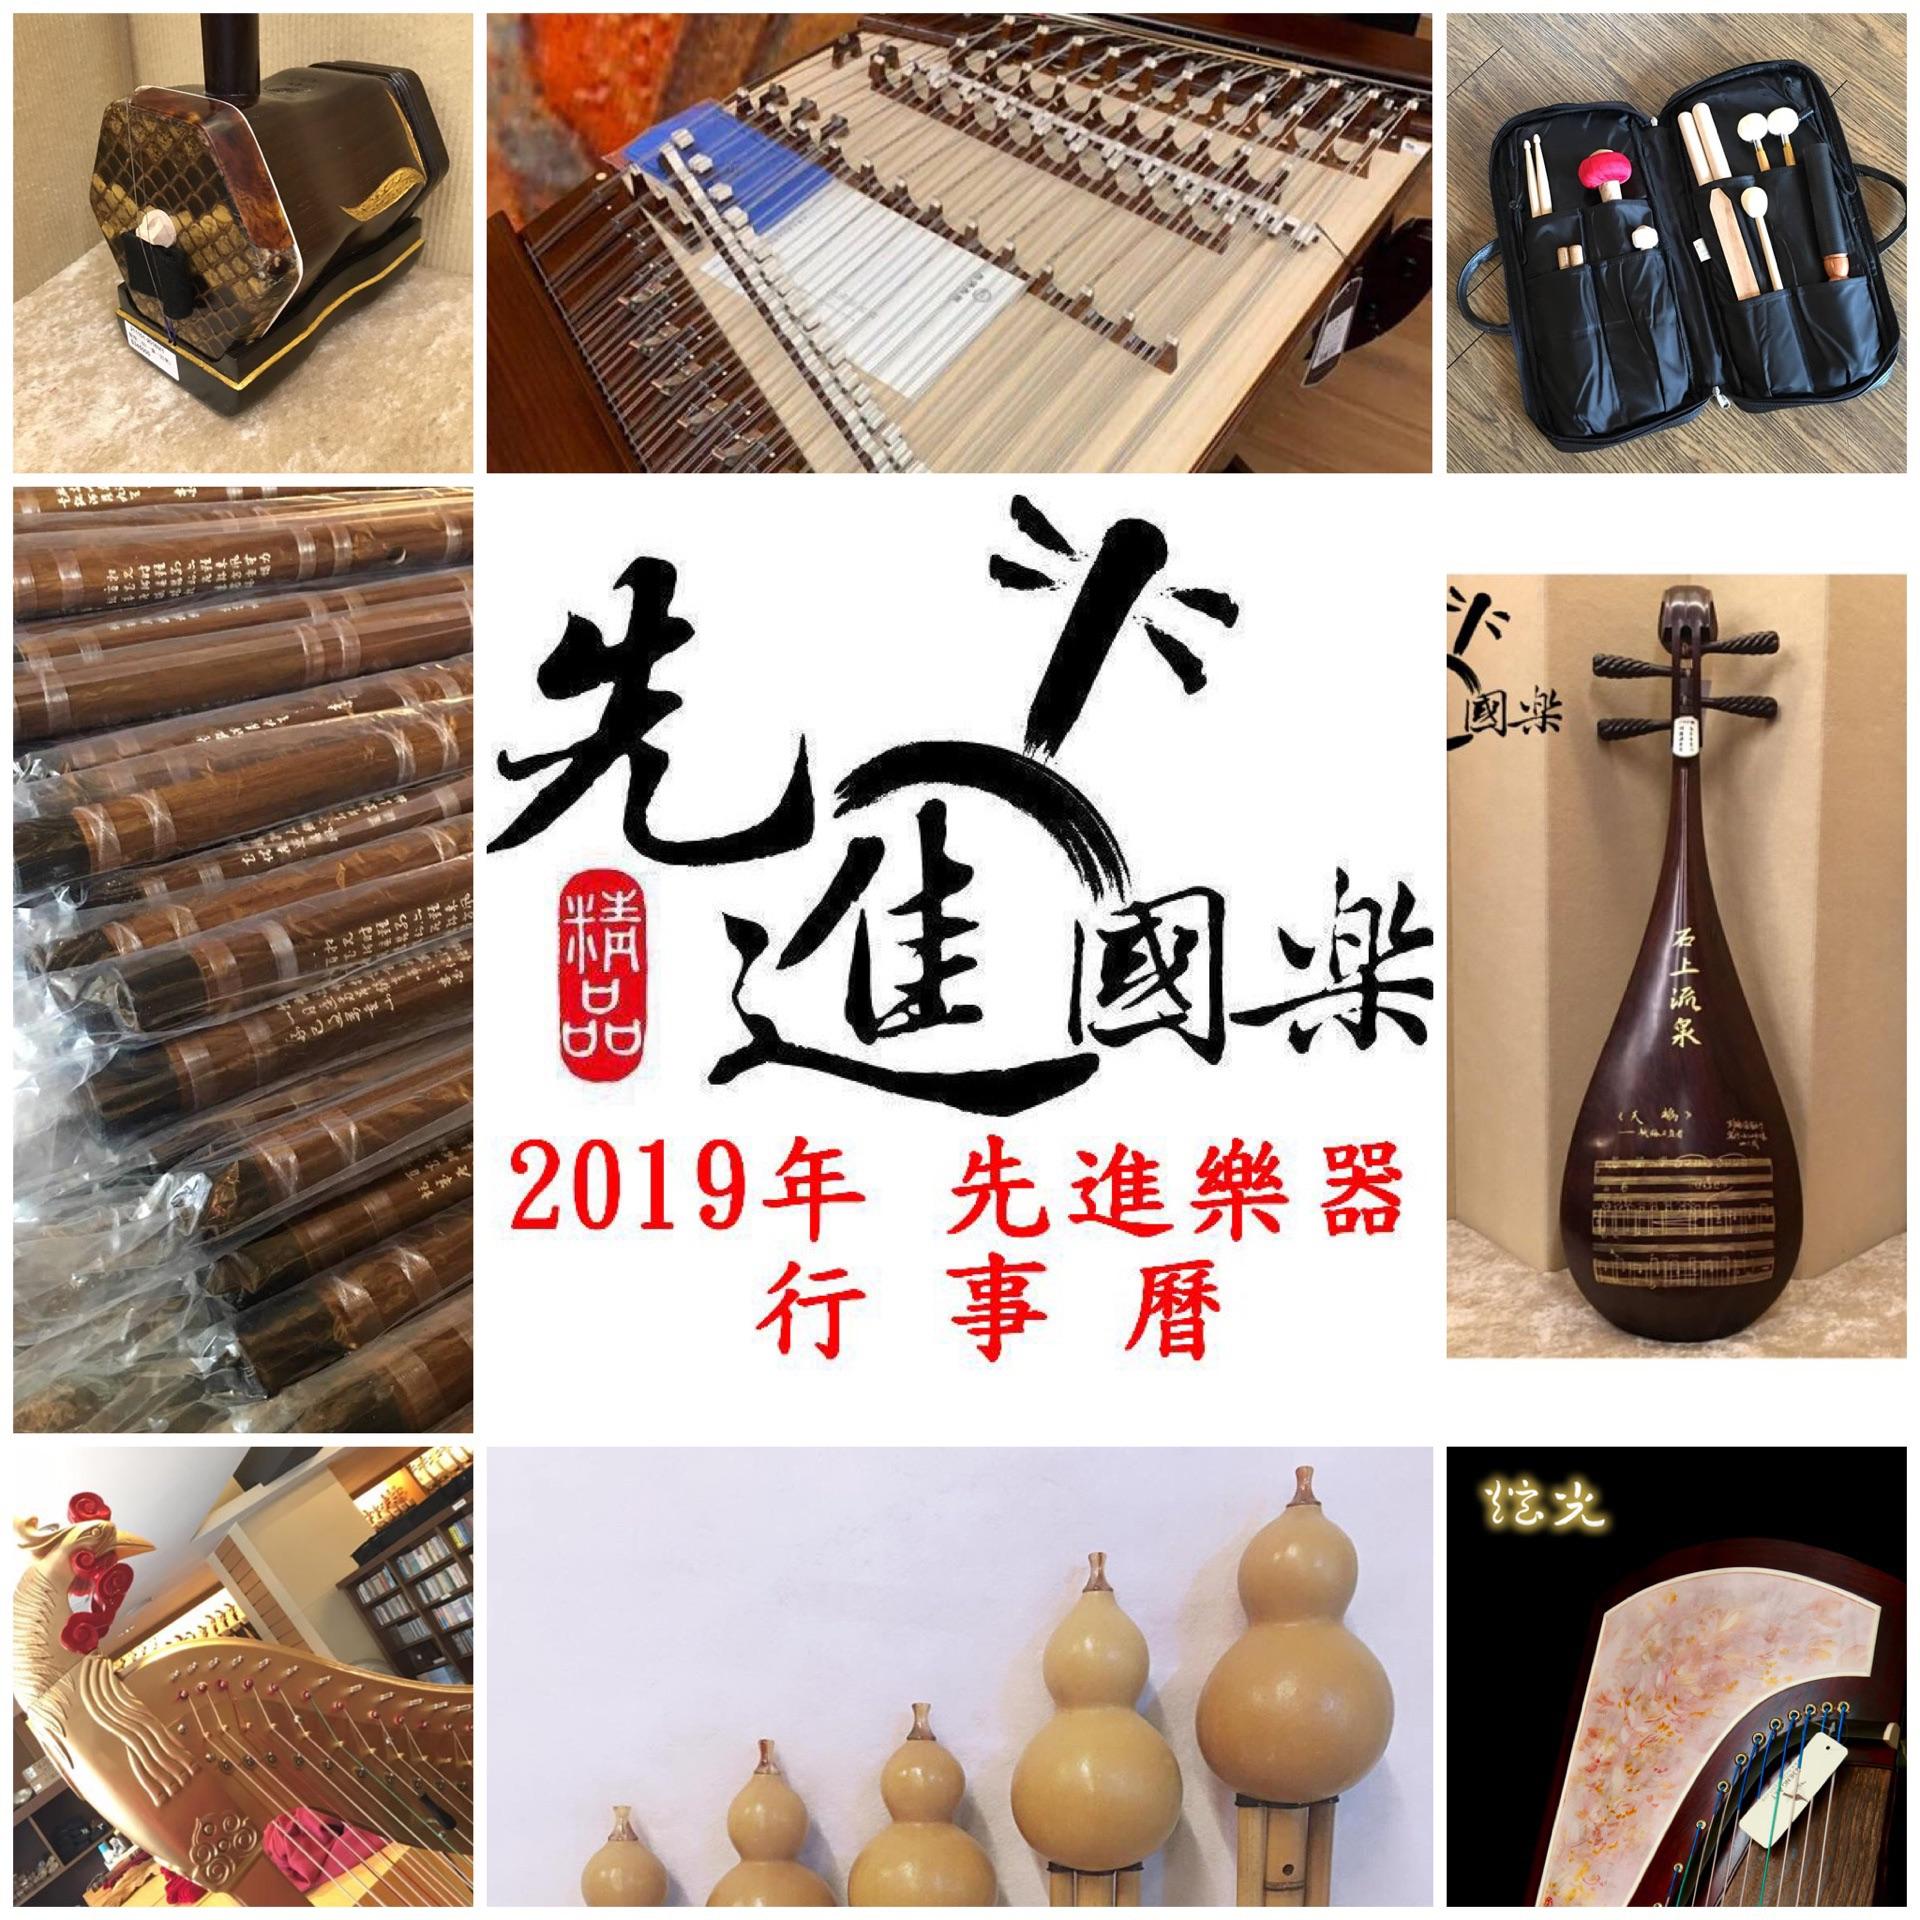 2019 先進樂器 行事曆